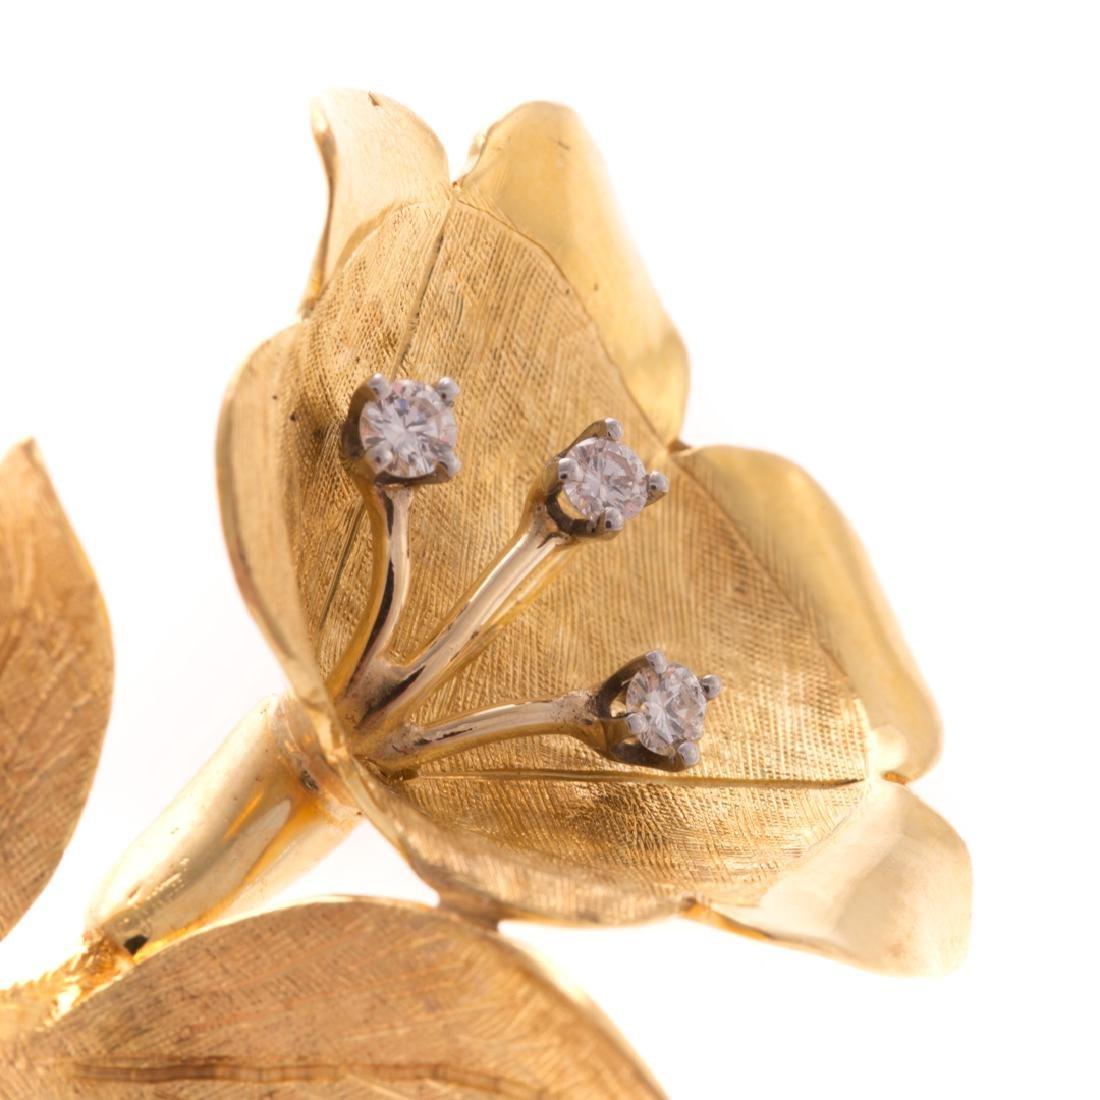 A Lady's Flower Brooch in 18K Gold - 2